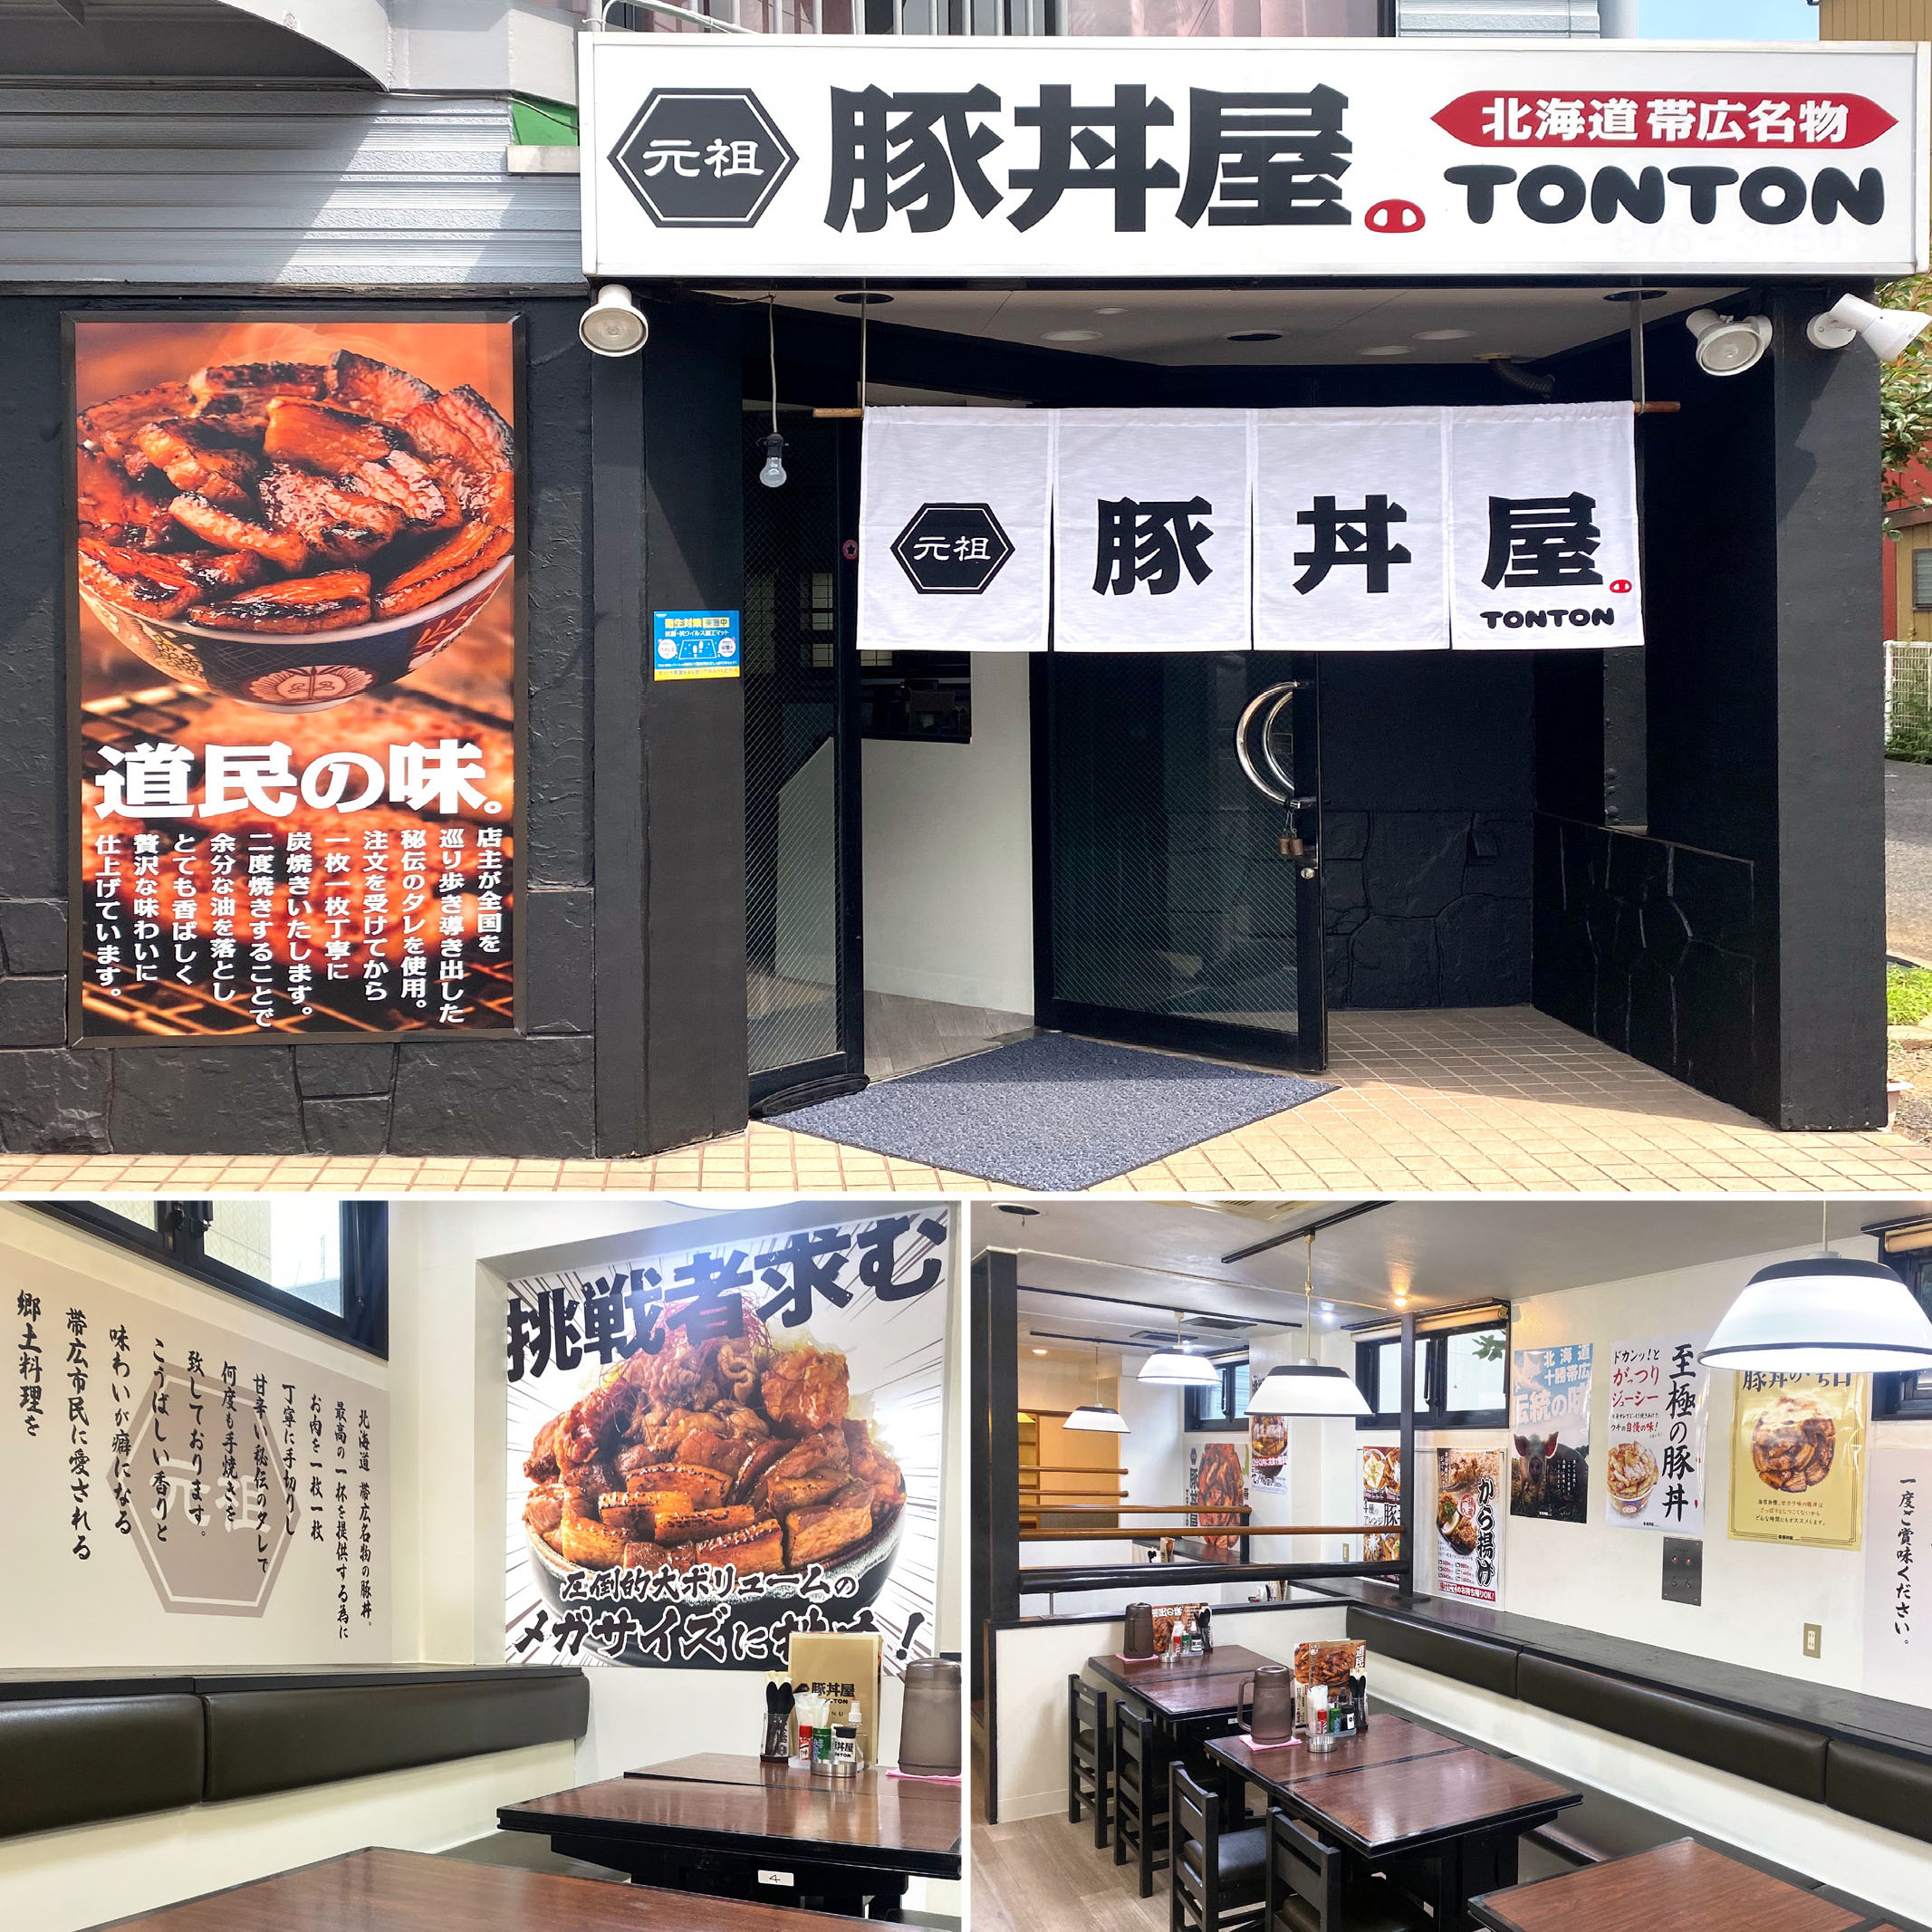 元祖豚丼屋TONTON 千間台店